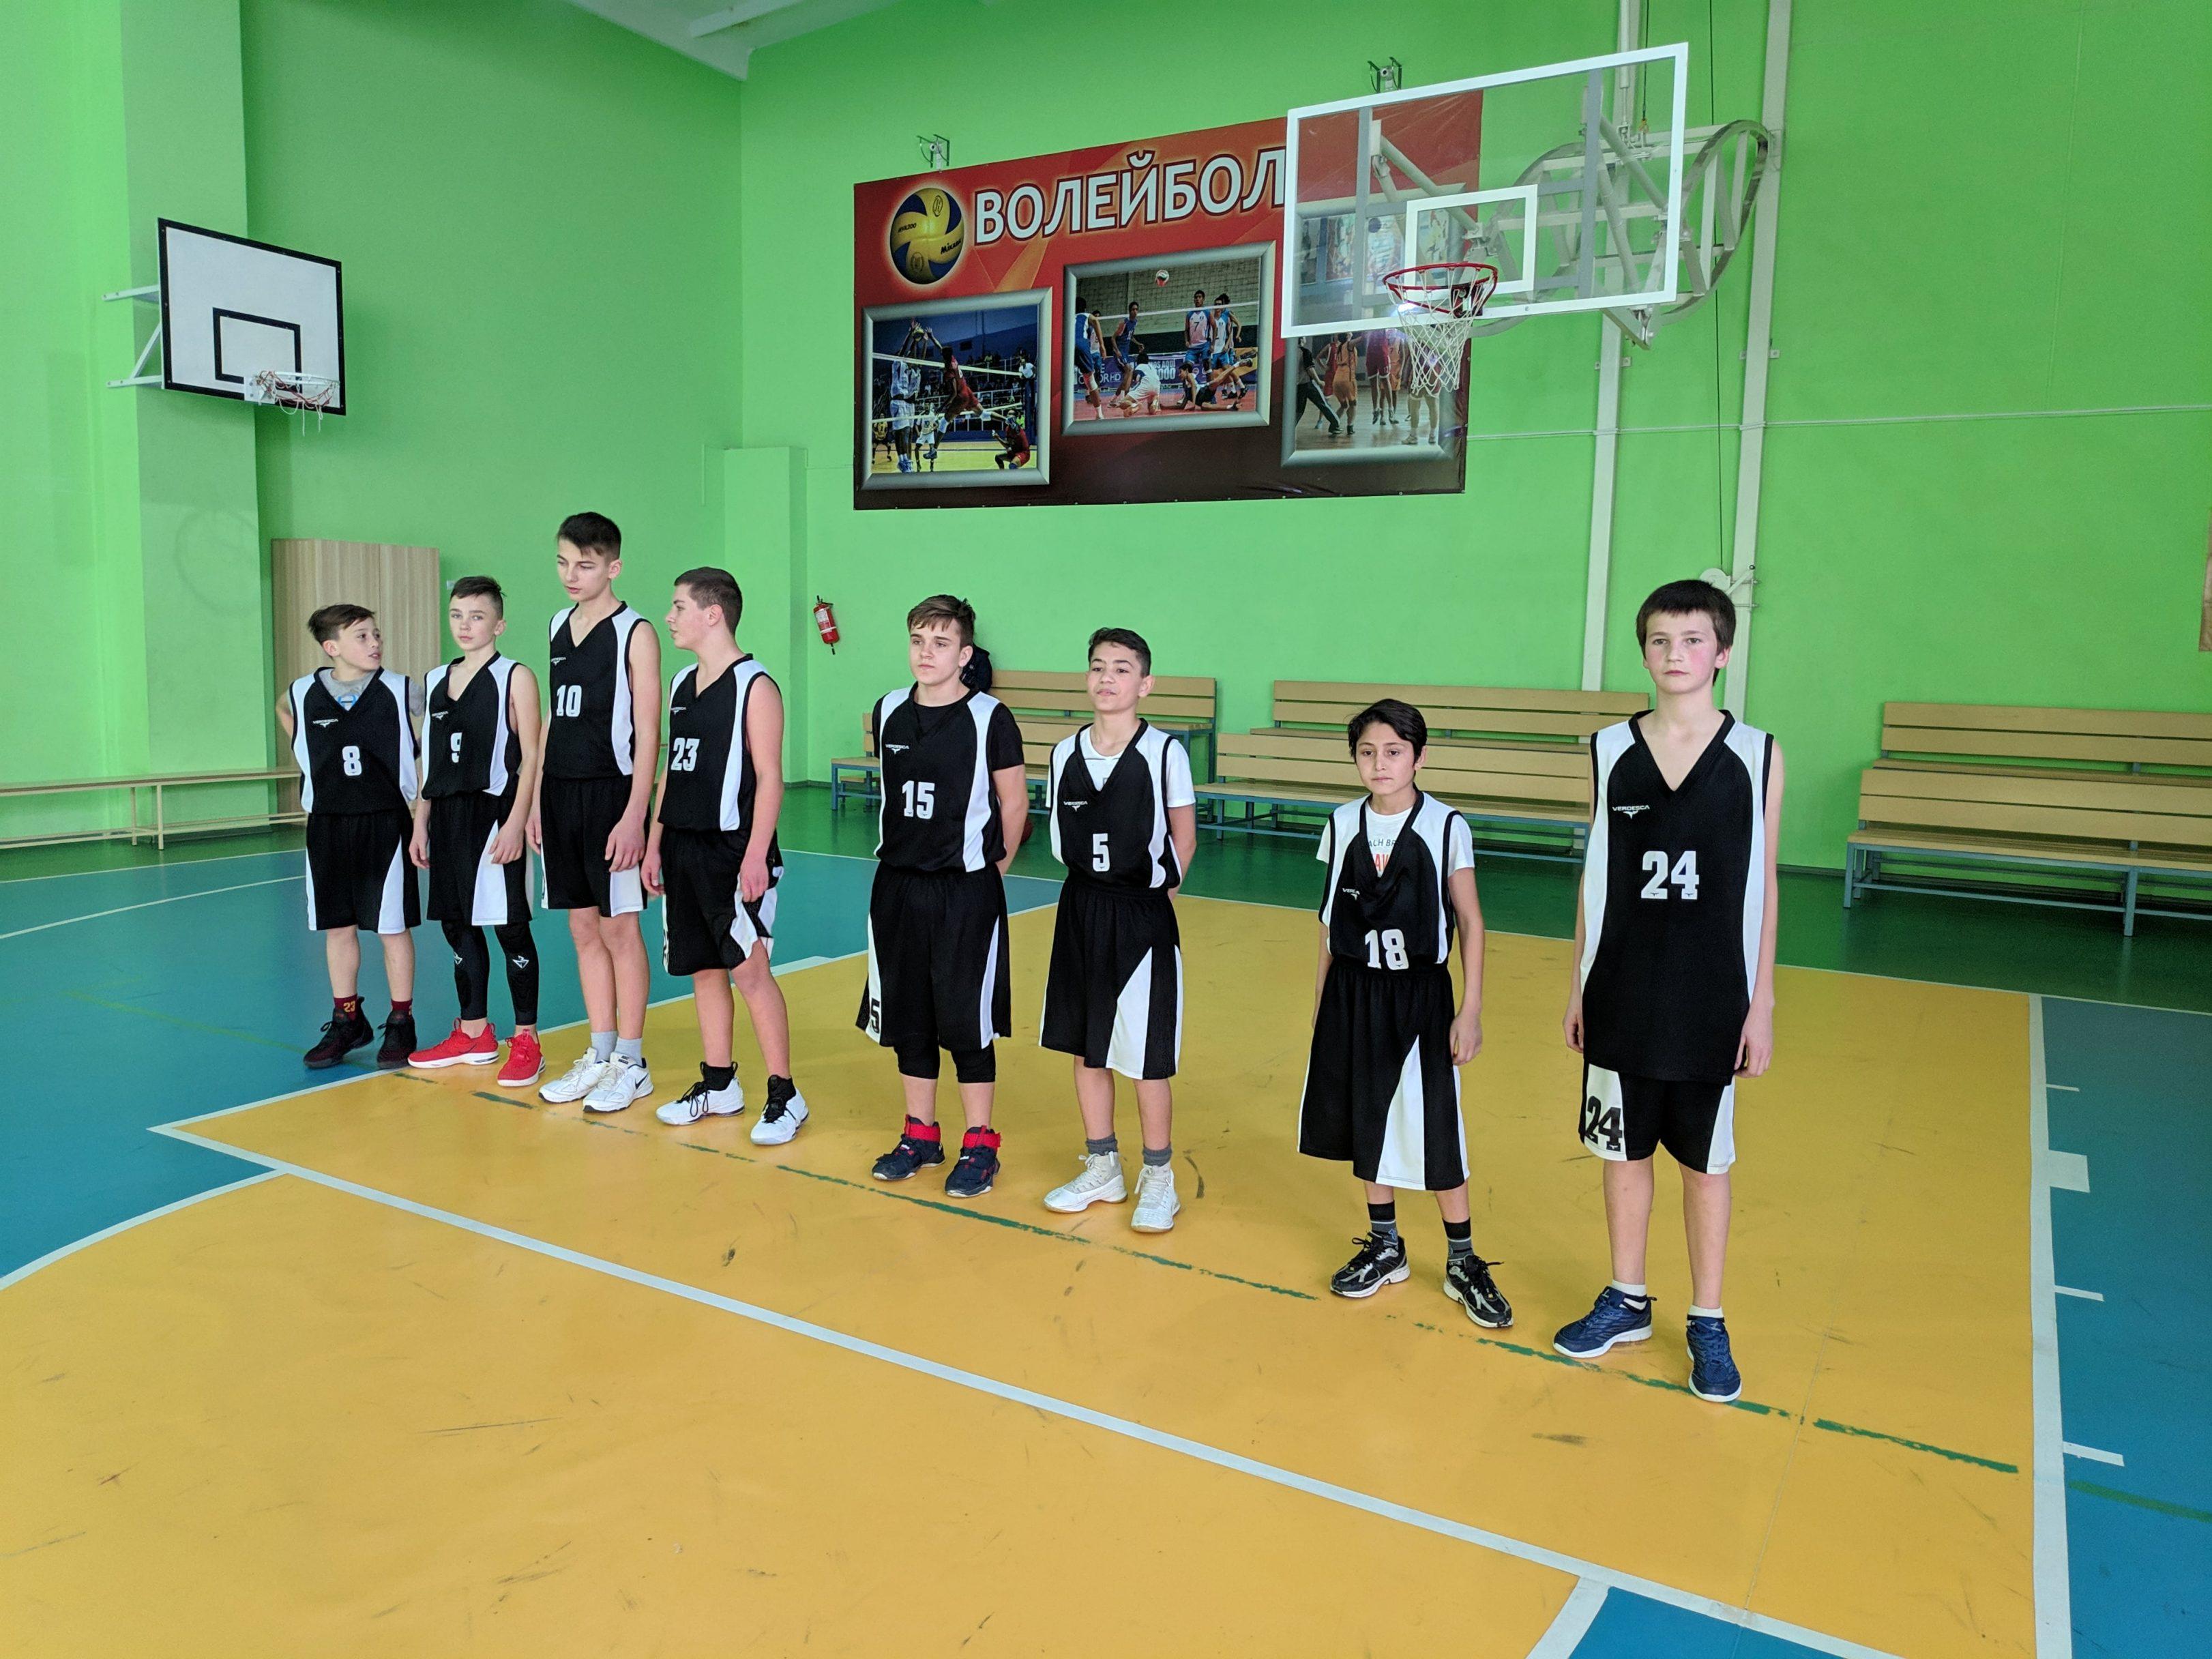 Турнир по баскетболу 02 марта 2019 года в г.Тирасполь